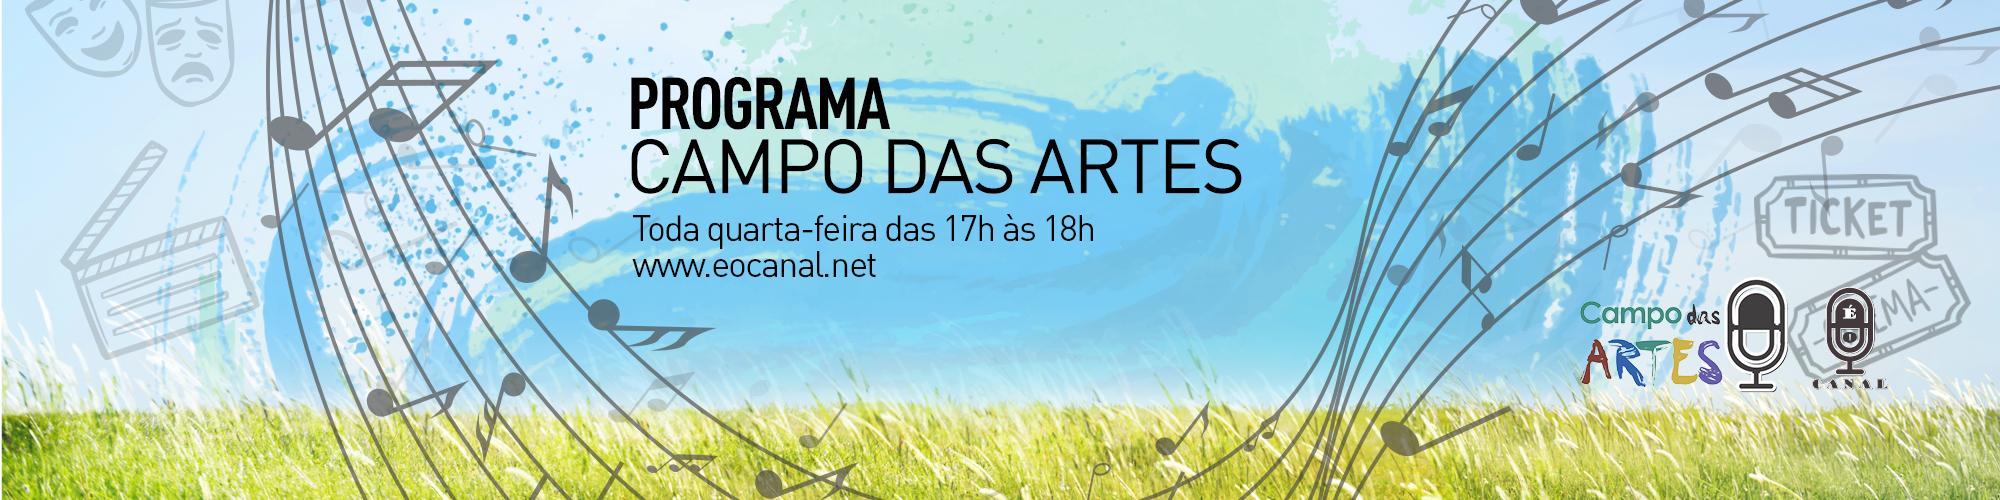 Programa radiofônico 'Campo das Artes' destaca manifestações culturais rurais